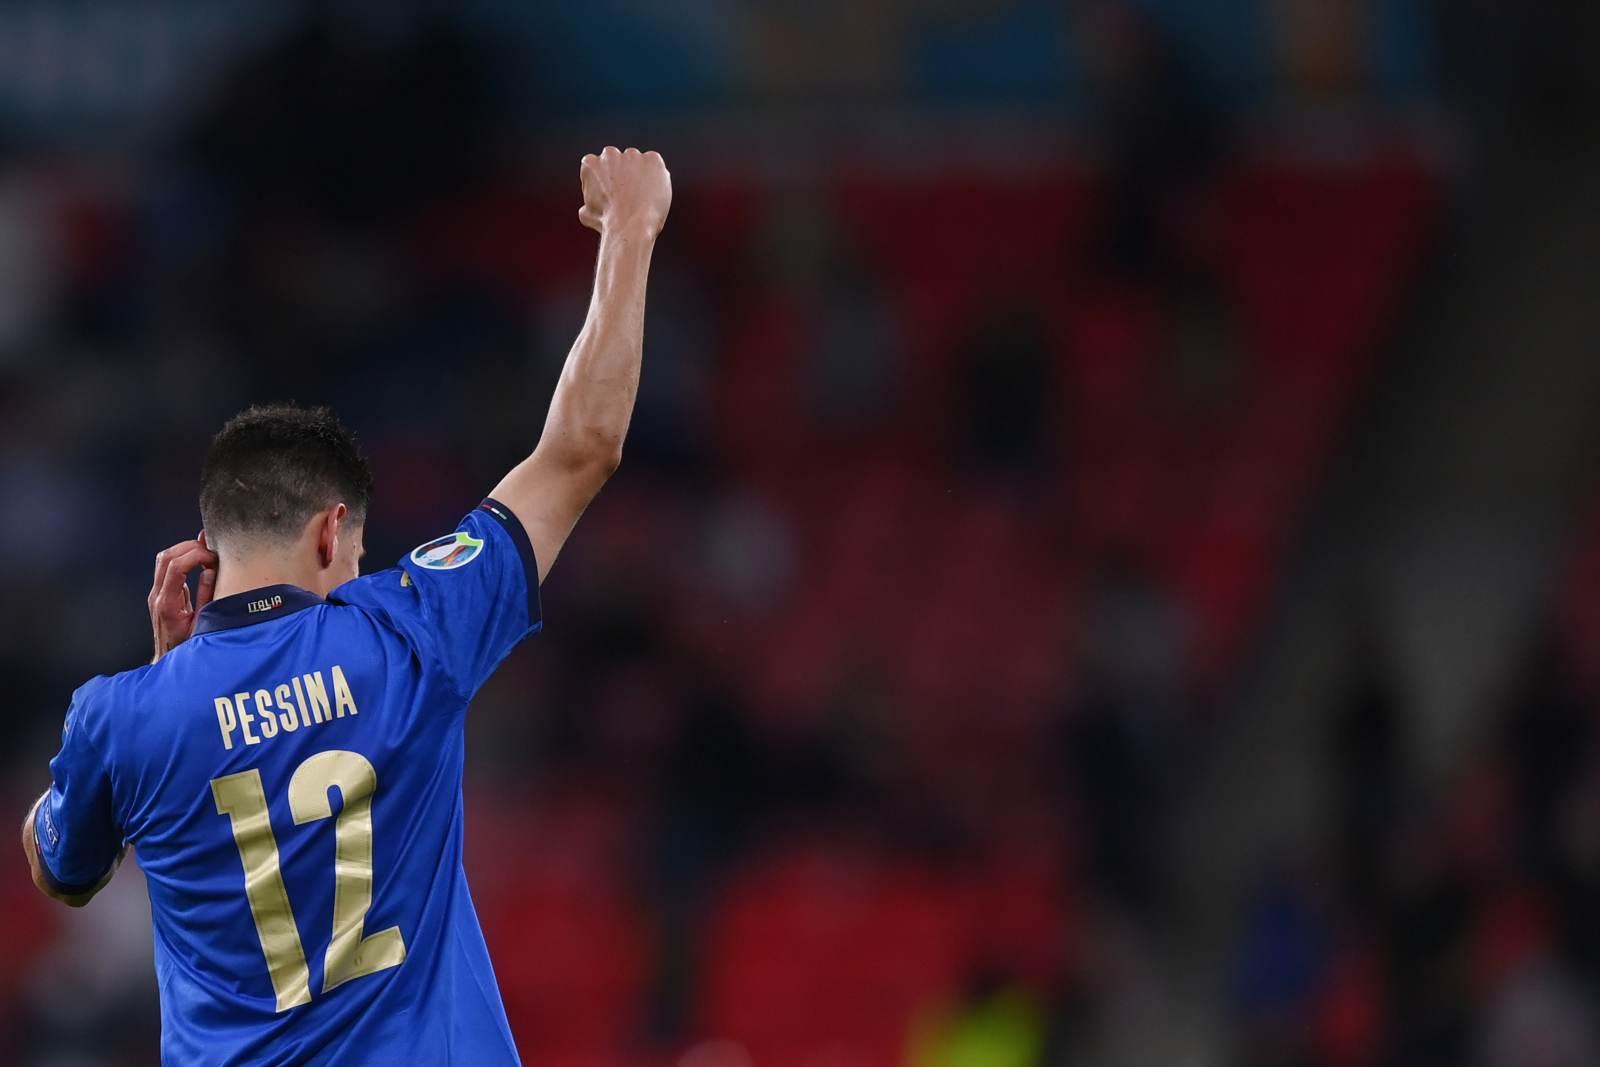 Пессина: «Манчини дал нам лишь два указания перед чемпионатом Европы»